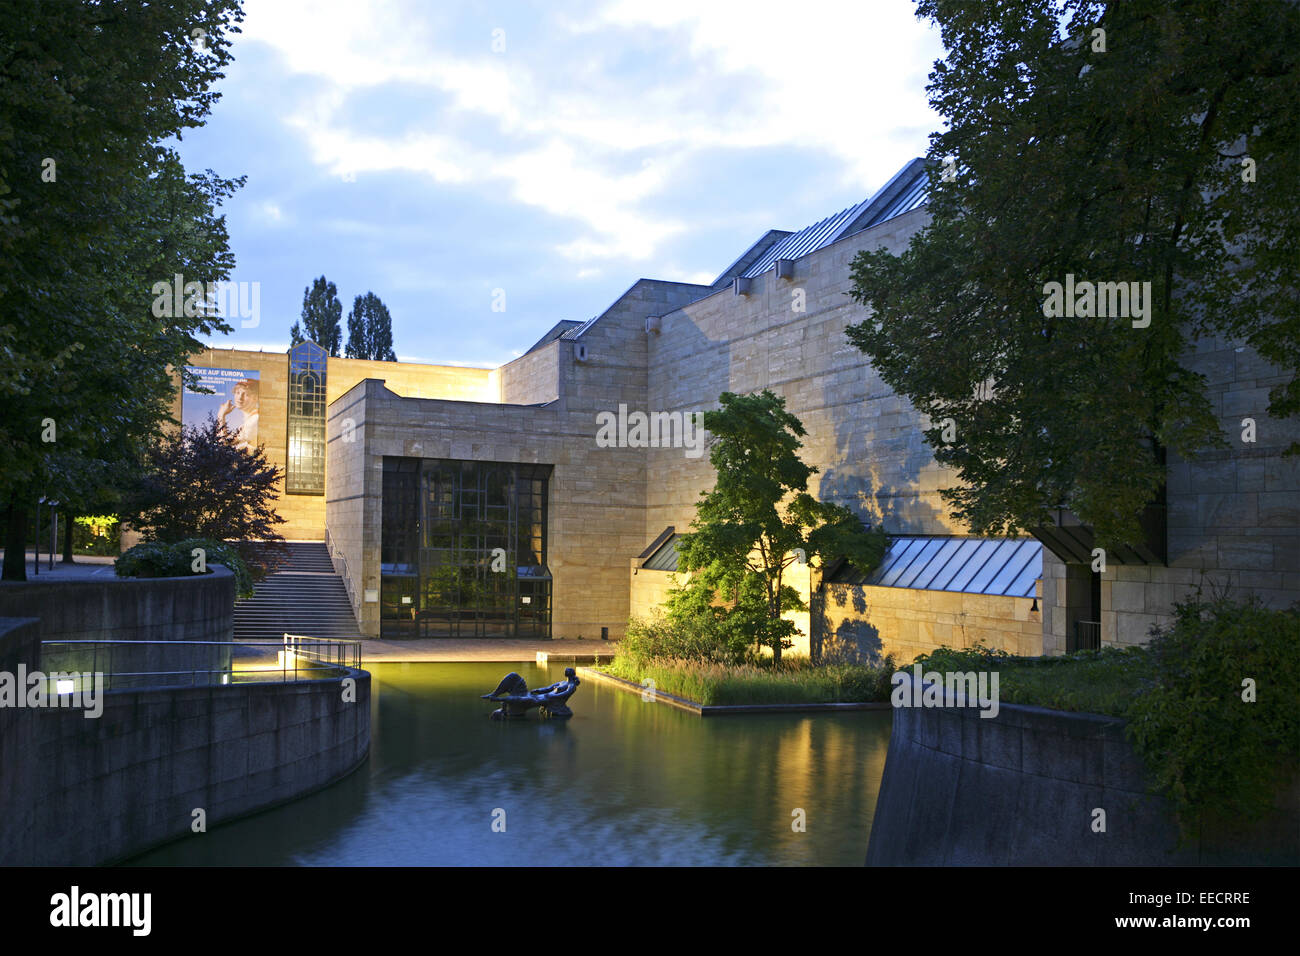 Architektur, Aussenansicht, Aussenaufnahme, Bildhauerei, Eingang, Fassade, Gebaeude, Gebaeudefassade, Gemaelde, - Stock Image